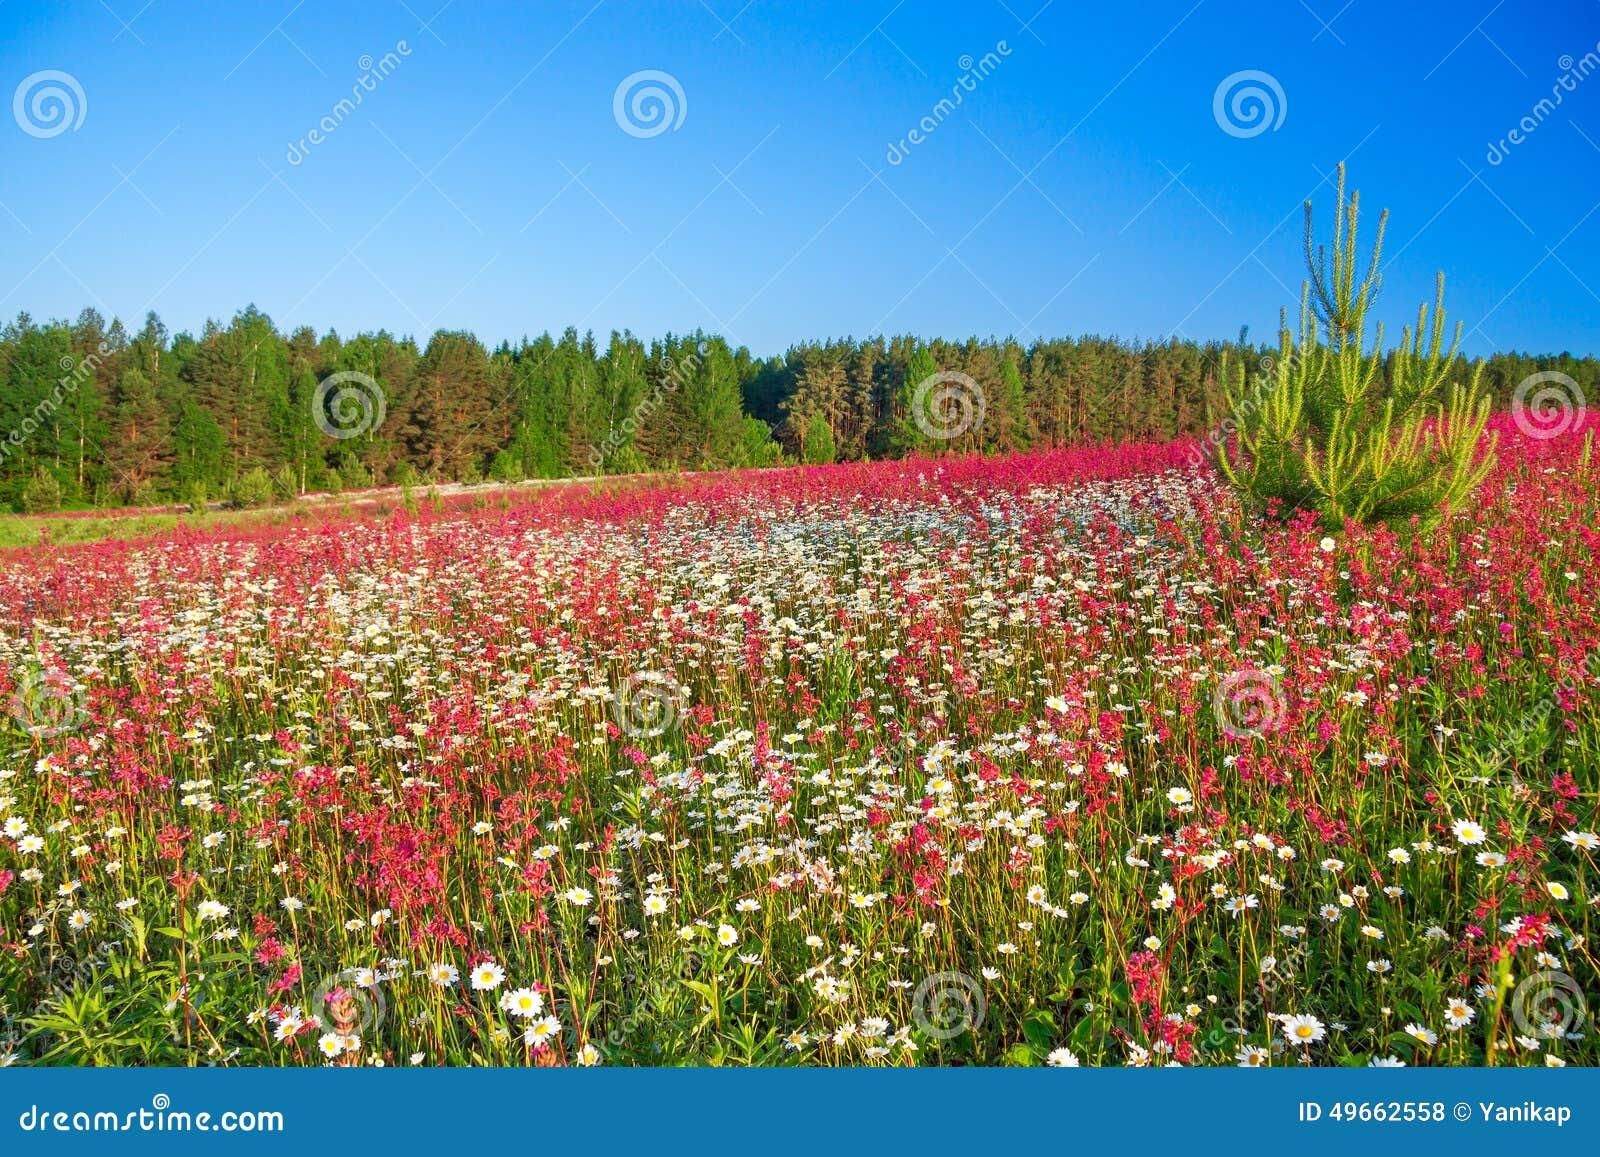 fr hlingslandschaft mit blumen auf einer wiese stockfoto bild von field land 49662558. Black Bedroom Furniture Sets. Home Design Ideas